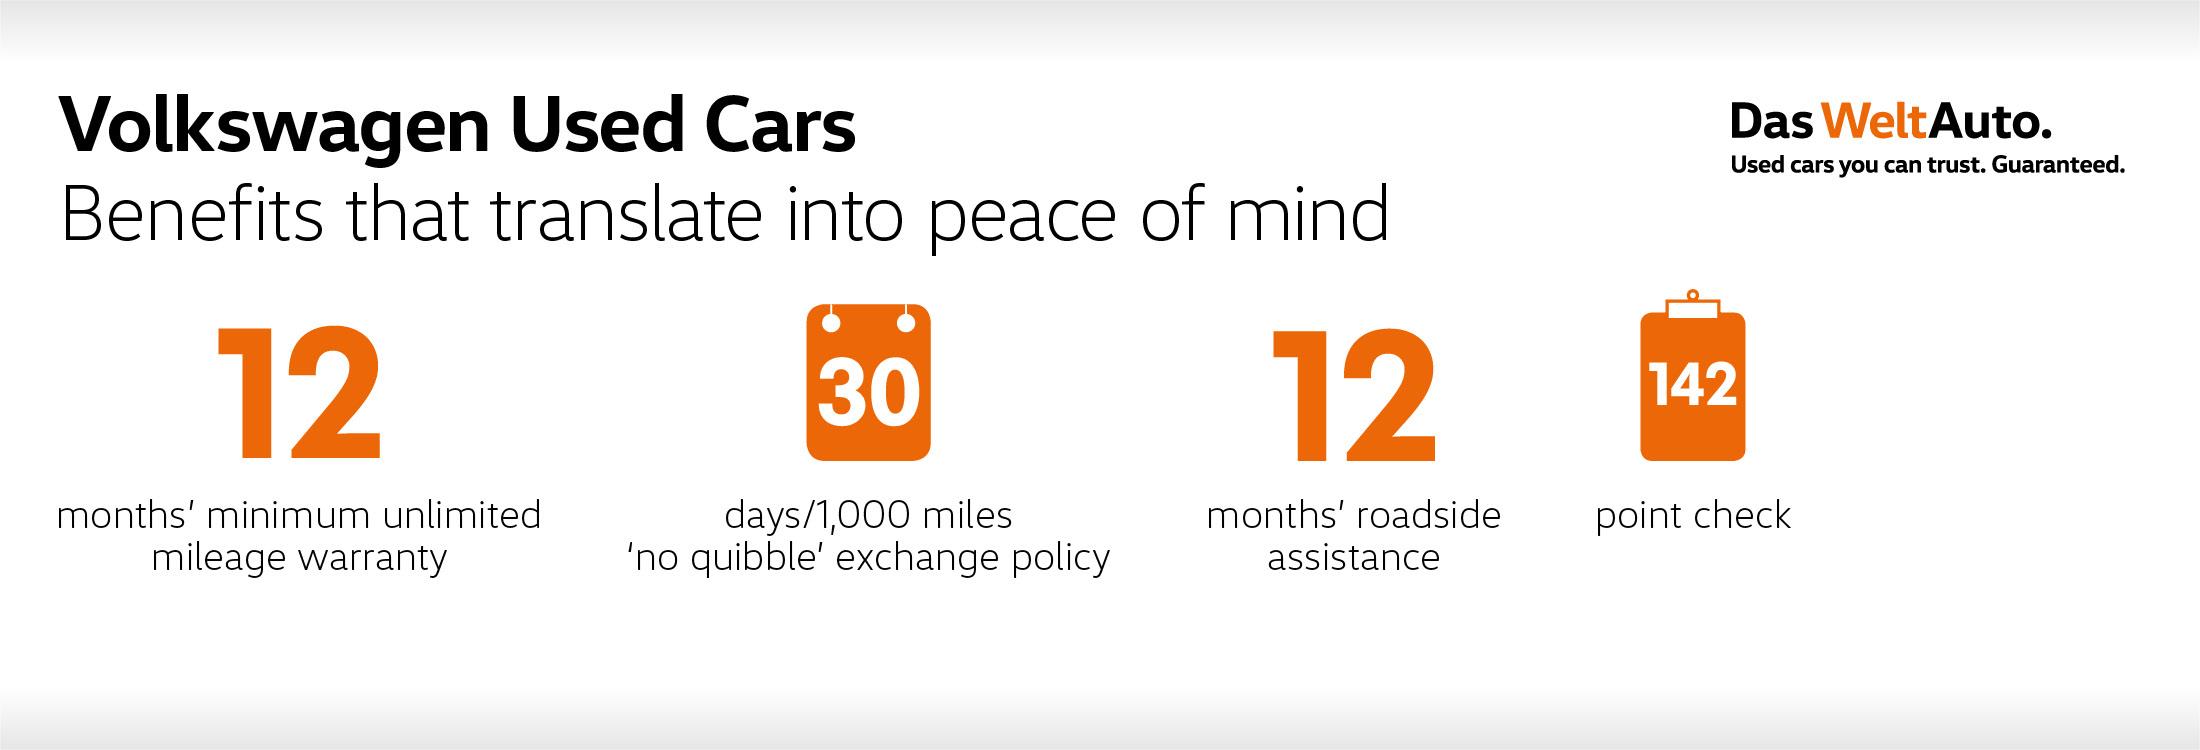 Das WeltAuto Benefits